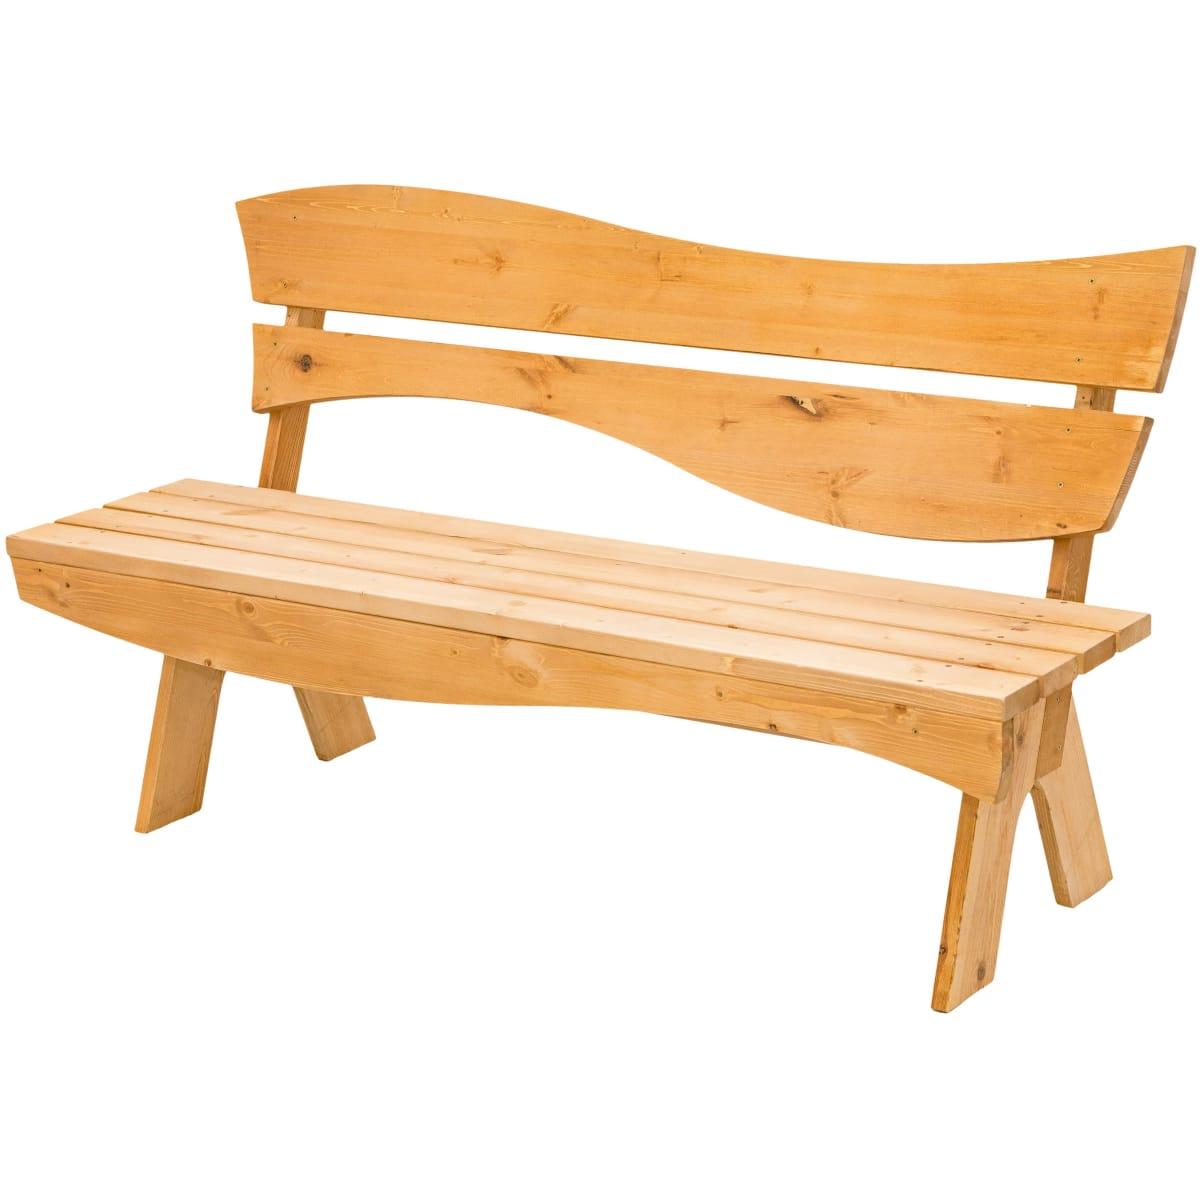 этом скамья фотон деревянная садовая нужно много